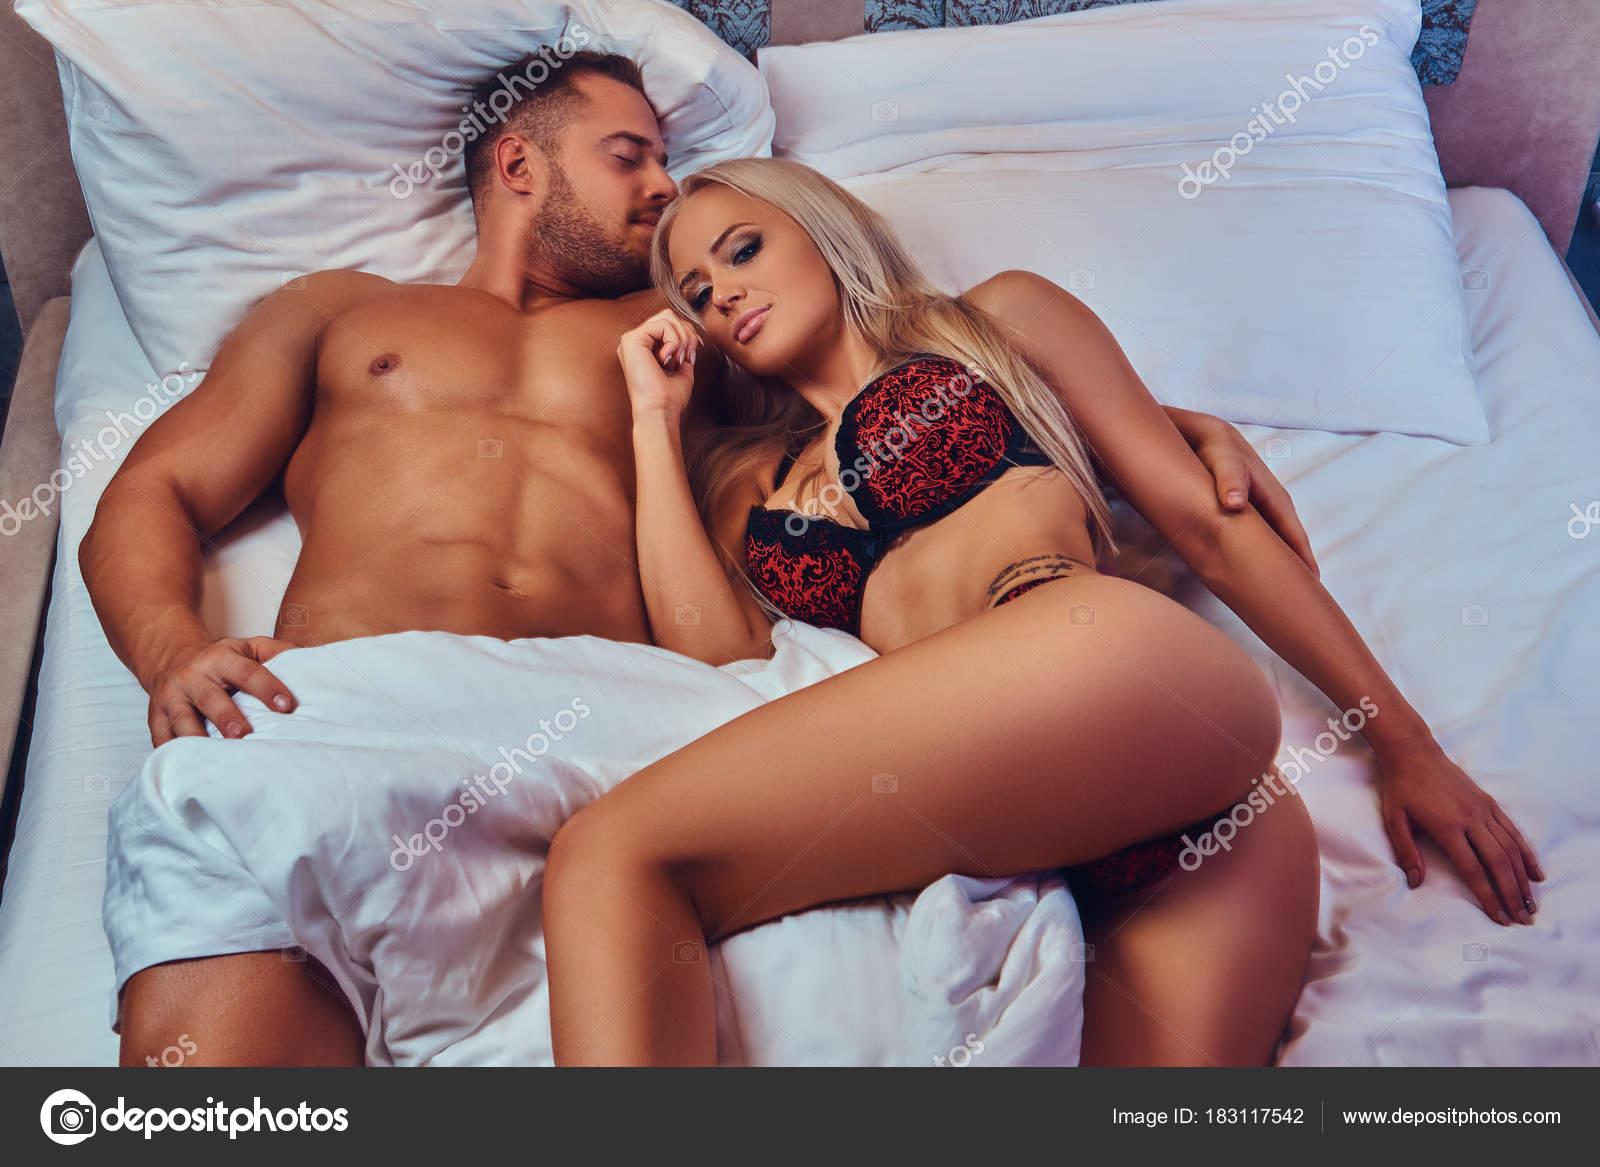 Сексуальный отдых мужа и жены #11